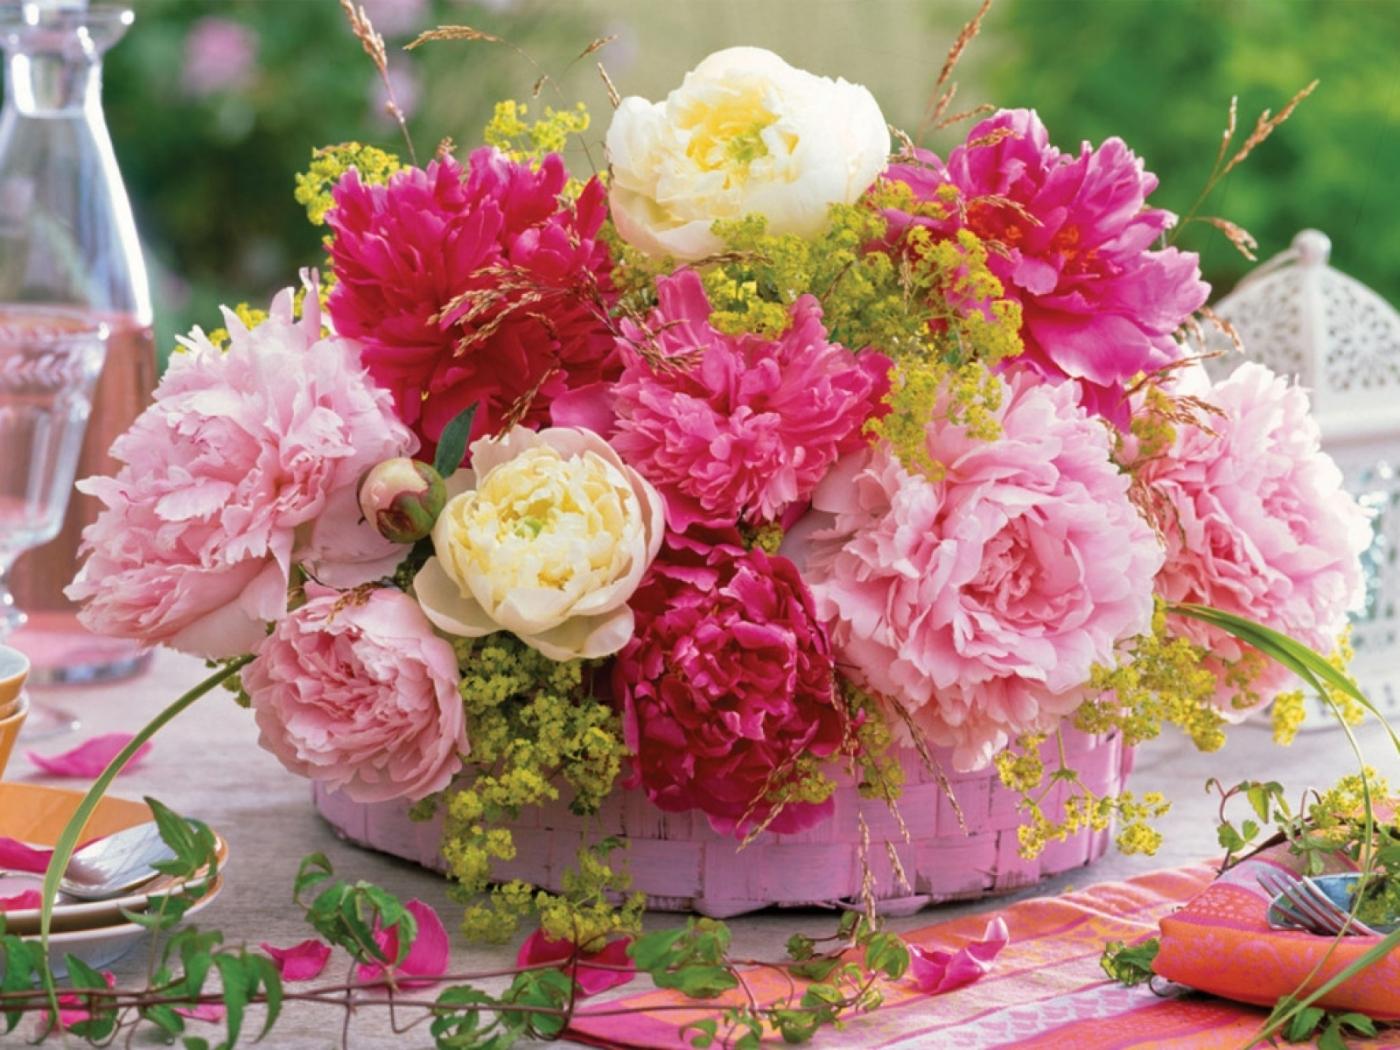 44283 скачать обои Растения, Цветы - заставки и картинки бесплатно